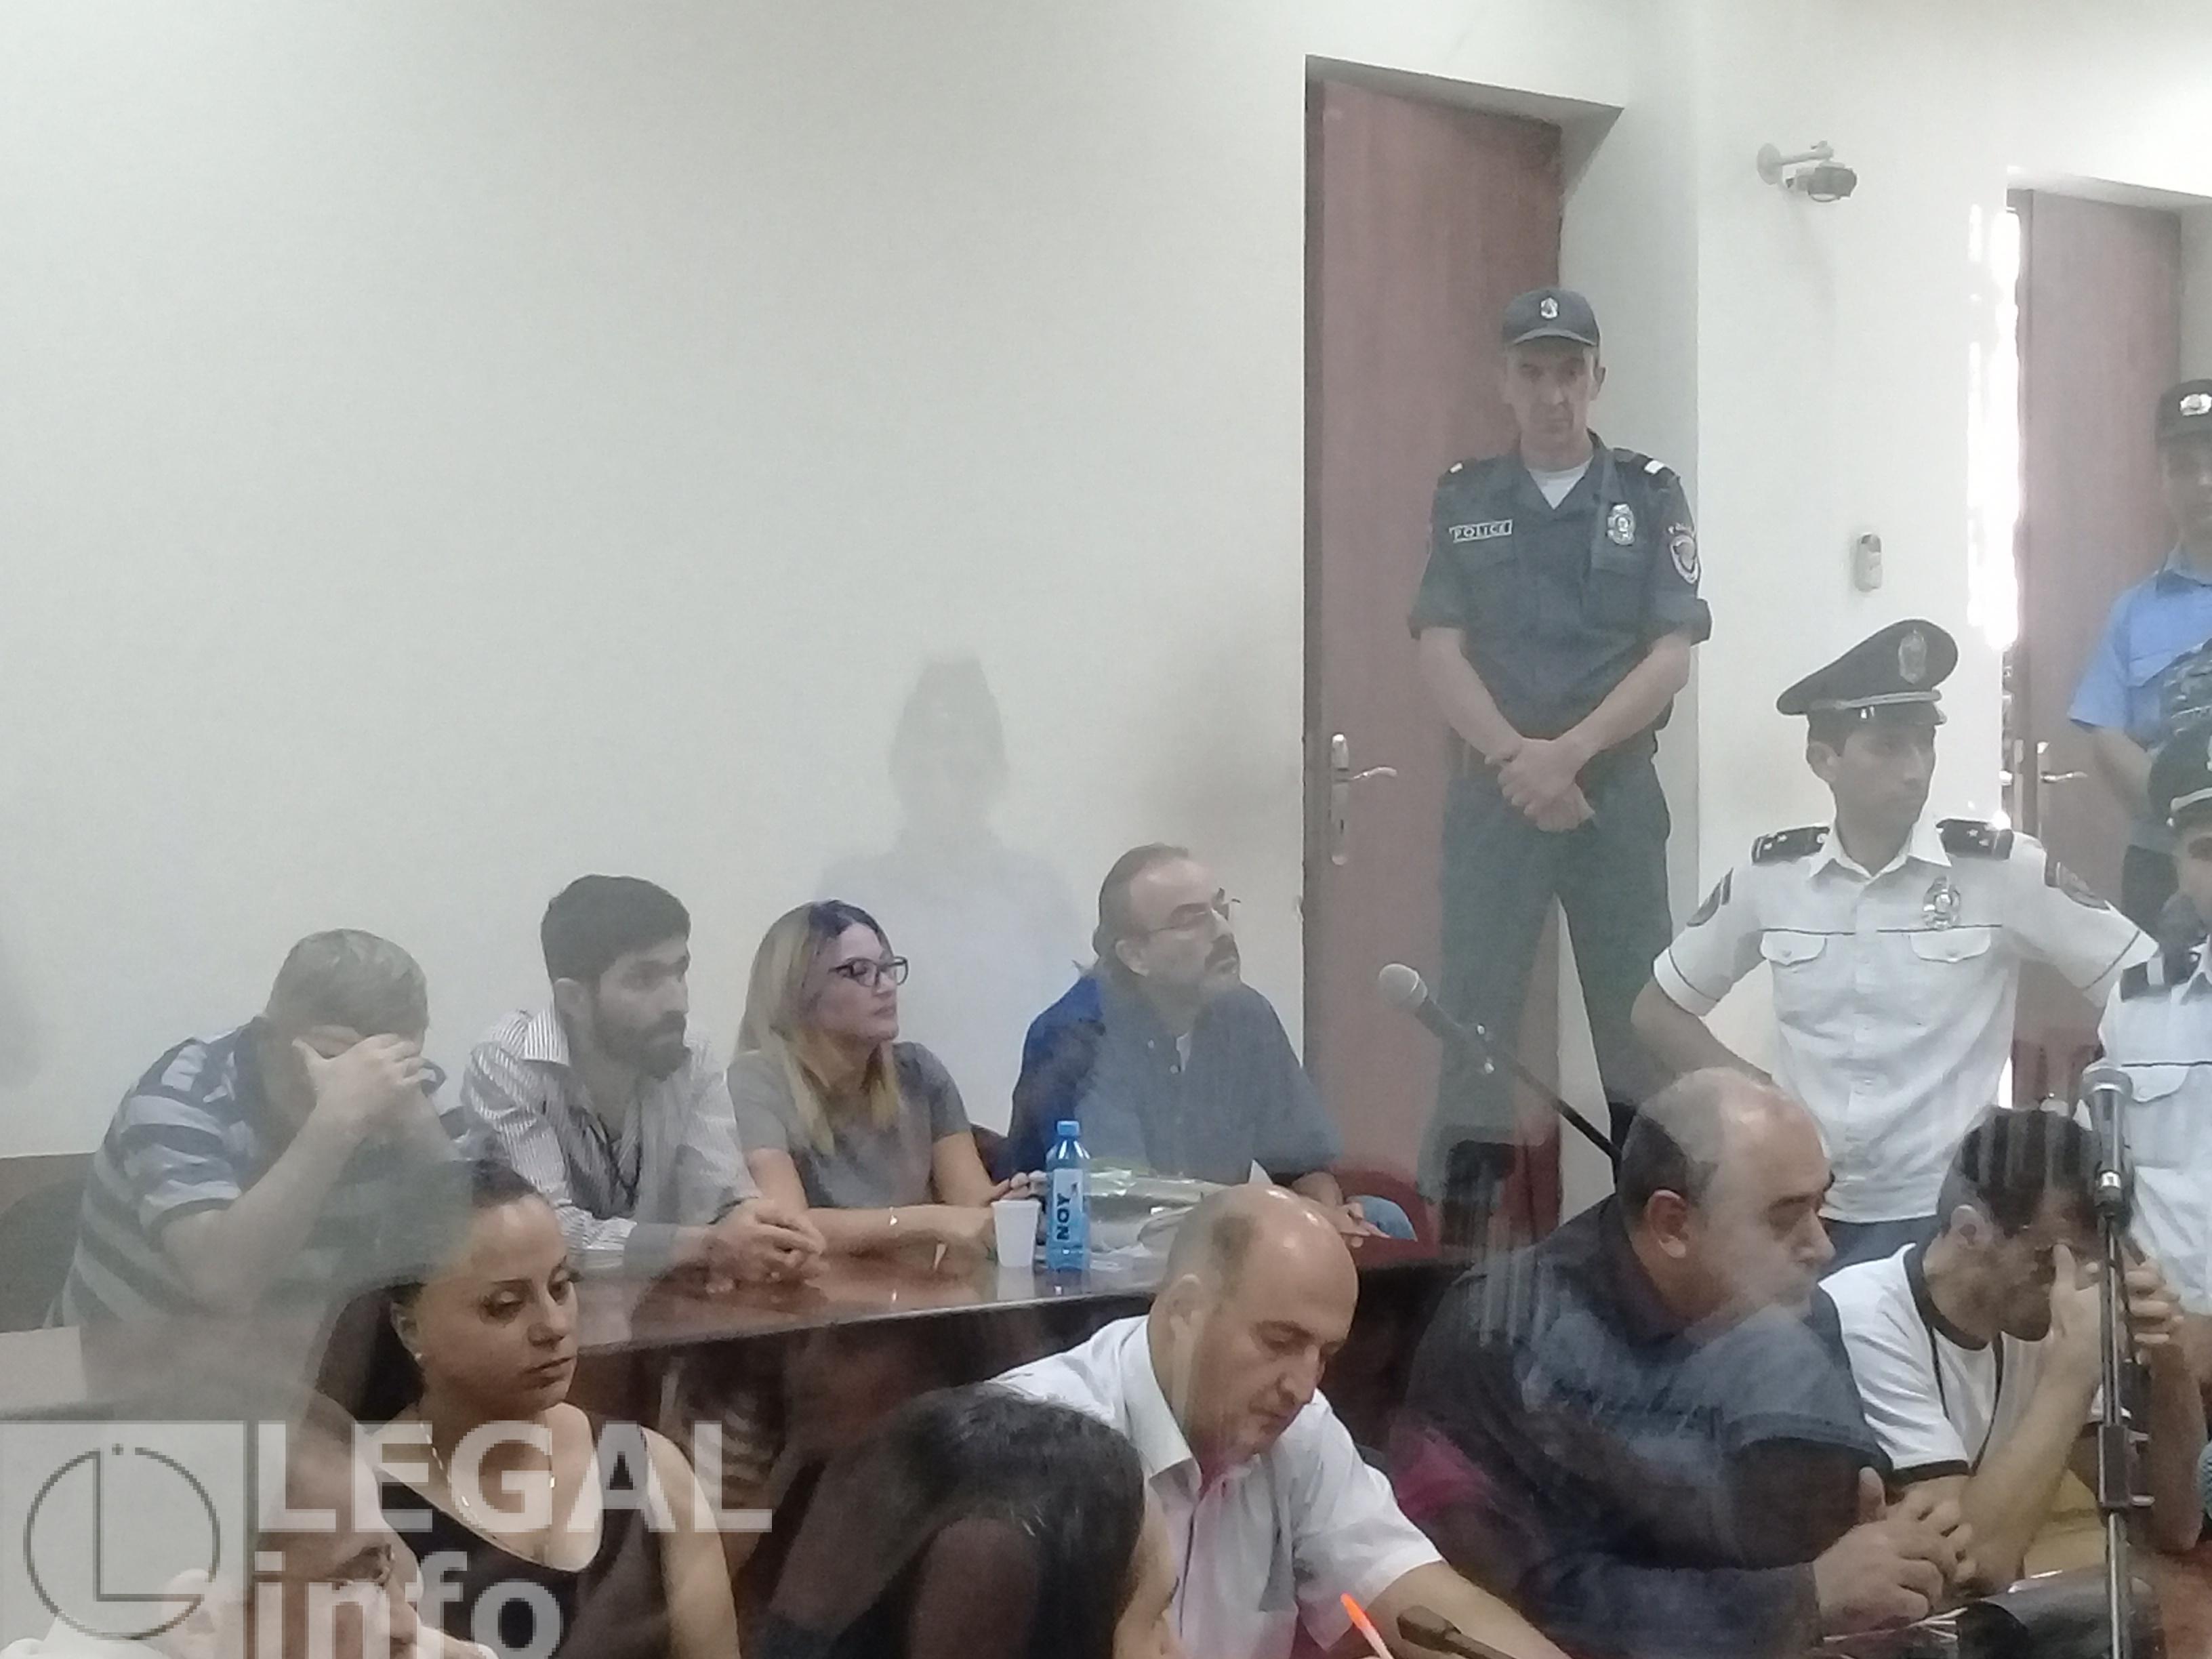 Նիստերի դահլիճ բերվեցին Ժ. Սեֆիլյանը և Գ. Սաֆարյանը, սակայն անմիջապես հեռացվեցին. լարված իրավիճակներ ՍԵֆիլյանի և մյուսների վերաբերյալ գործի քննության ժամանակ